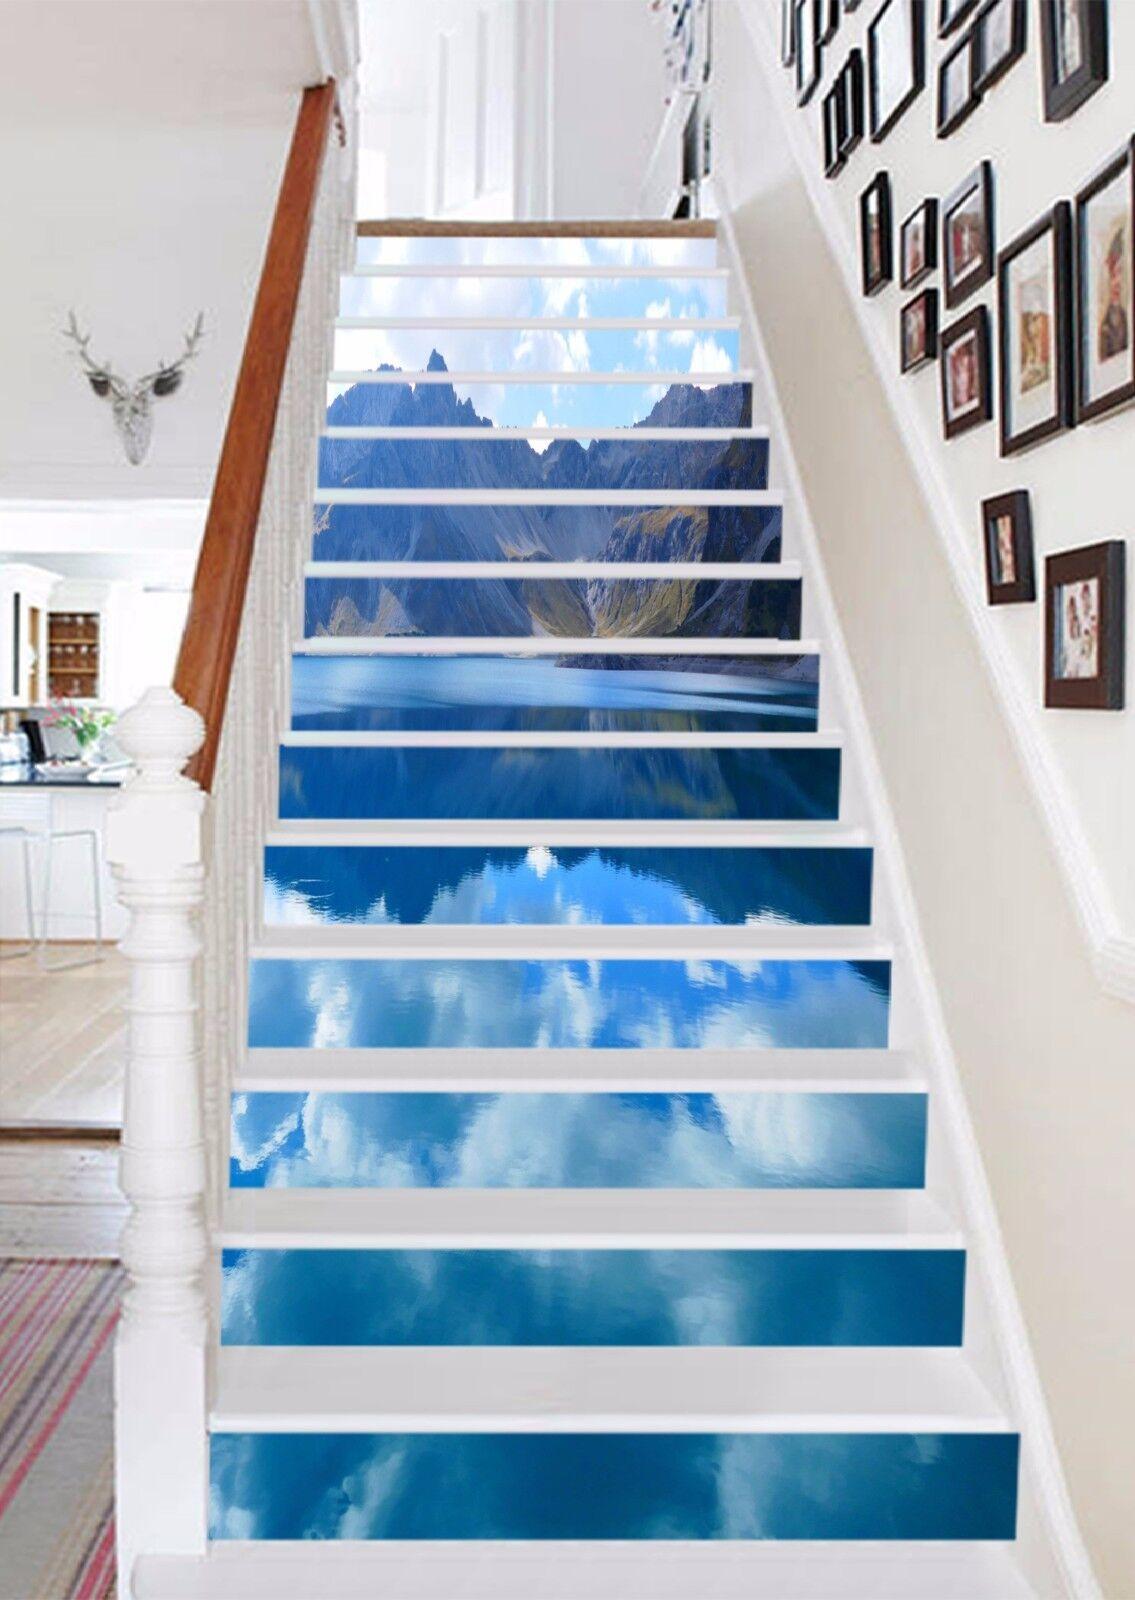 3D Mountain Lake 99 Stair Risers Decoration Photo Mural Vinyl Decal WandPapier AU